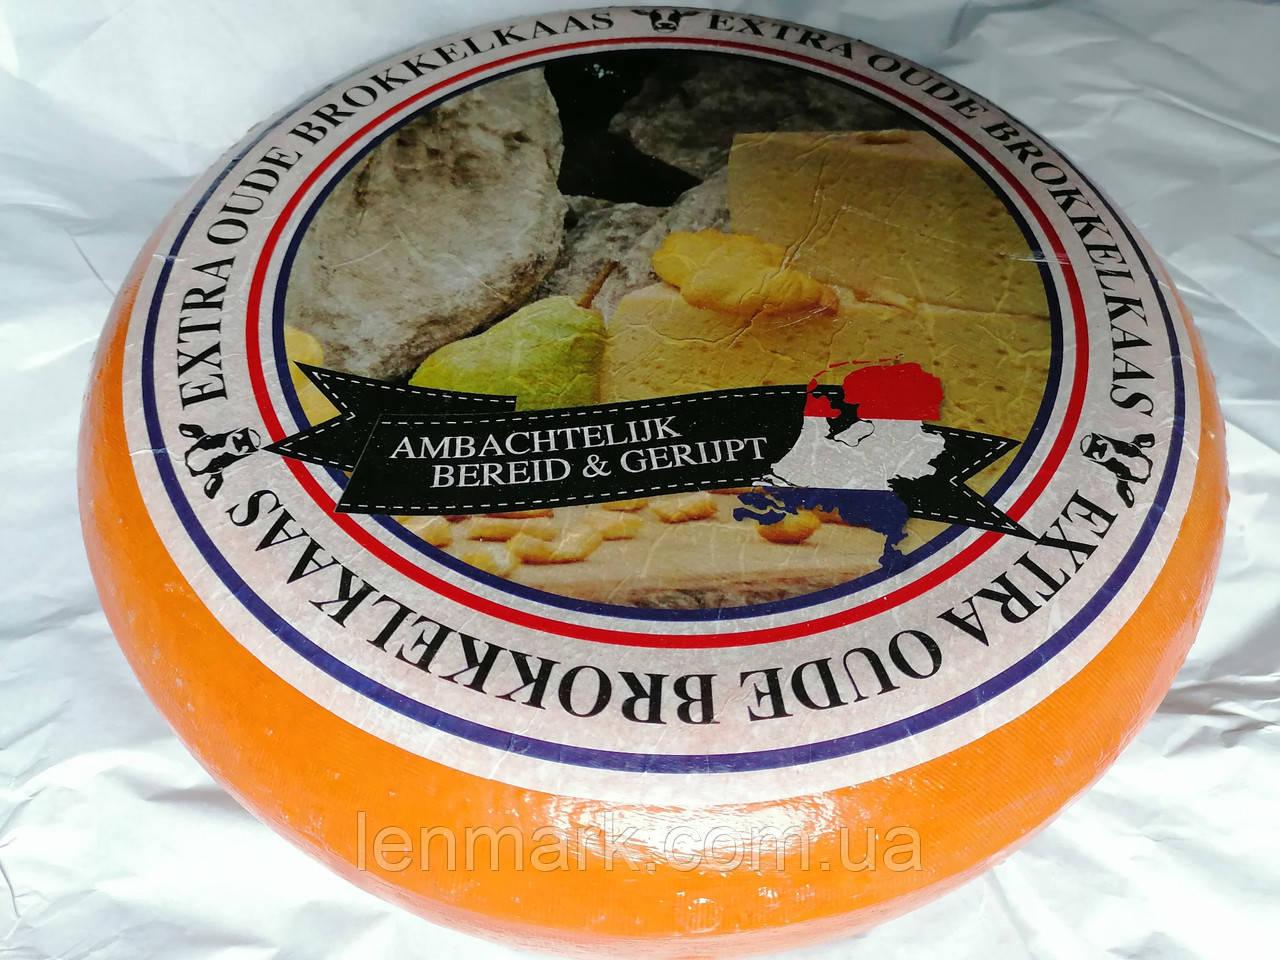 Сыр Extra Oud Brokkelkaas 2 year